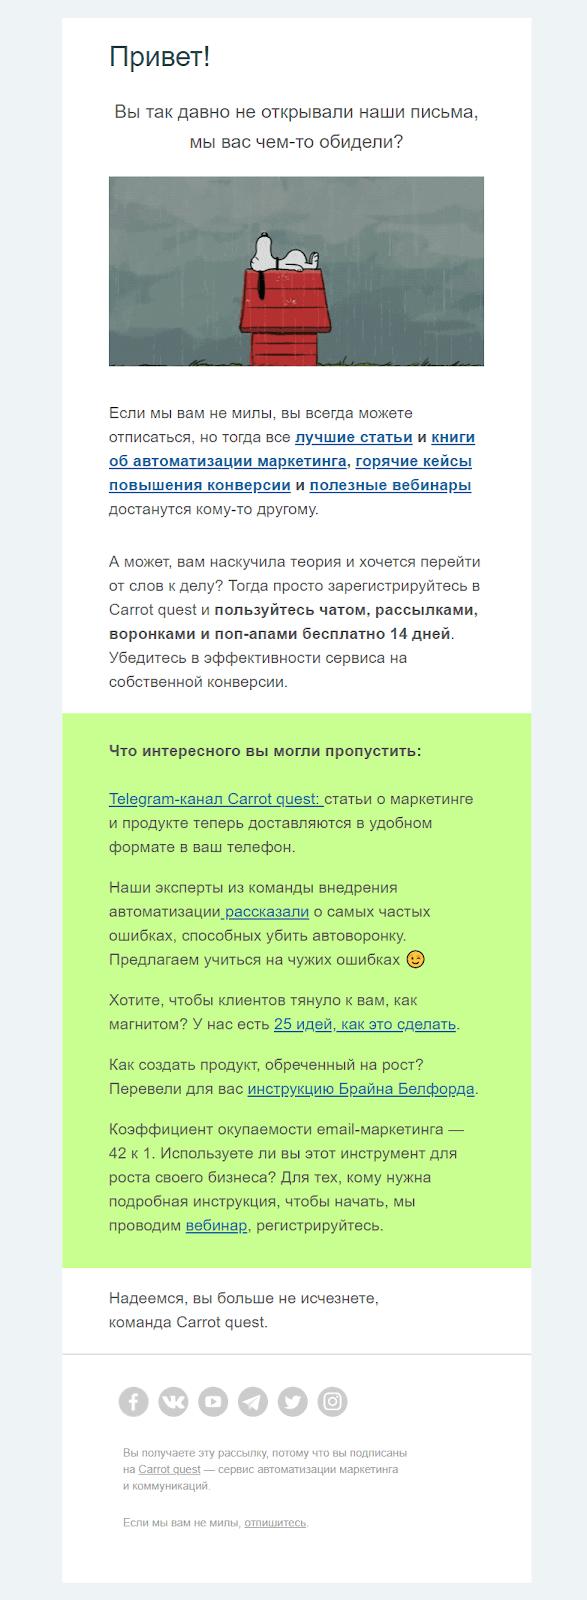 пример рассылки для возврата пользователей